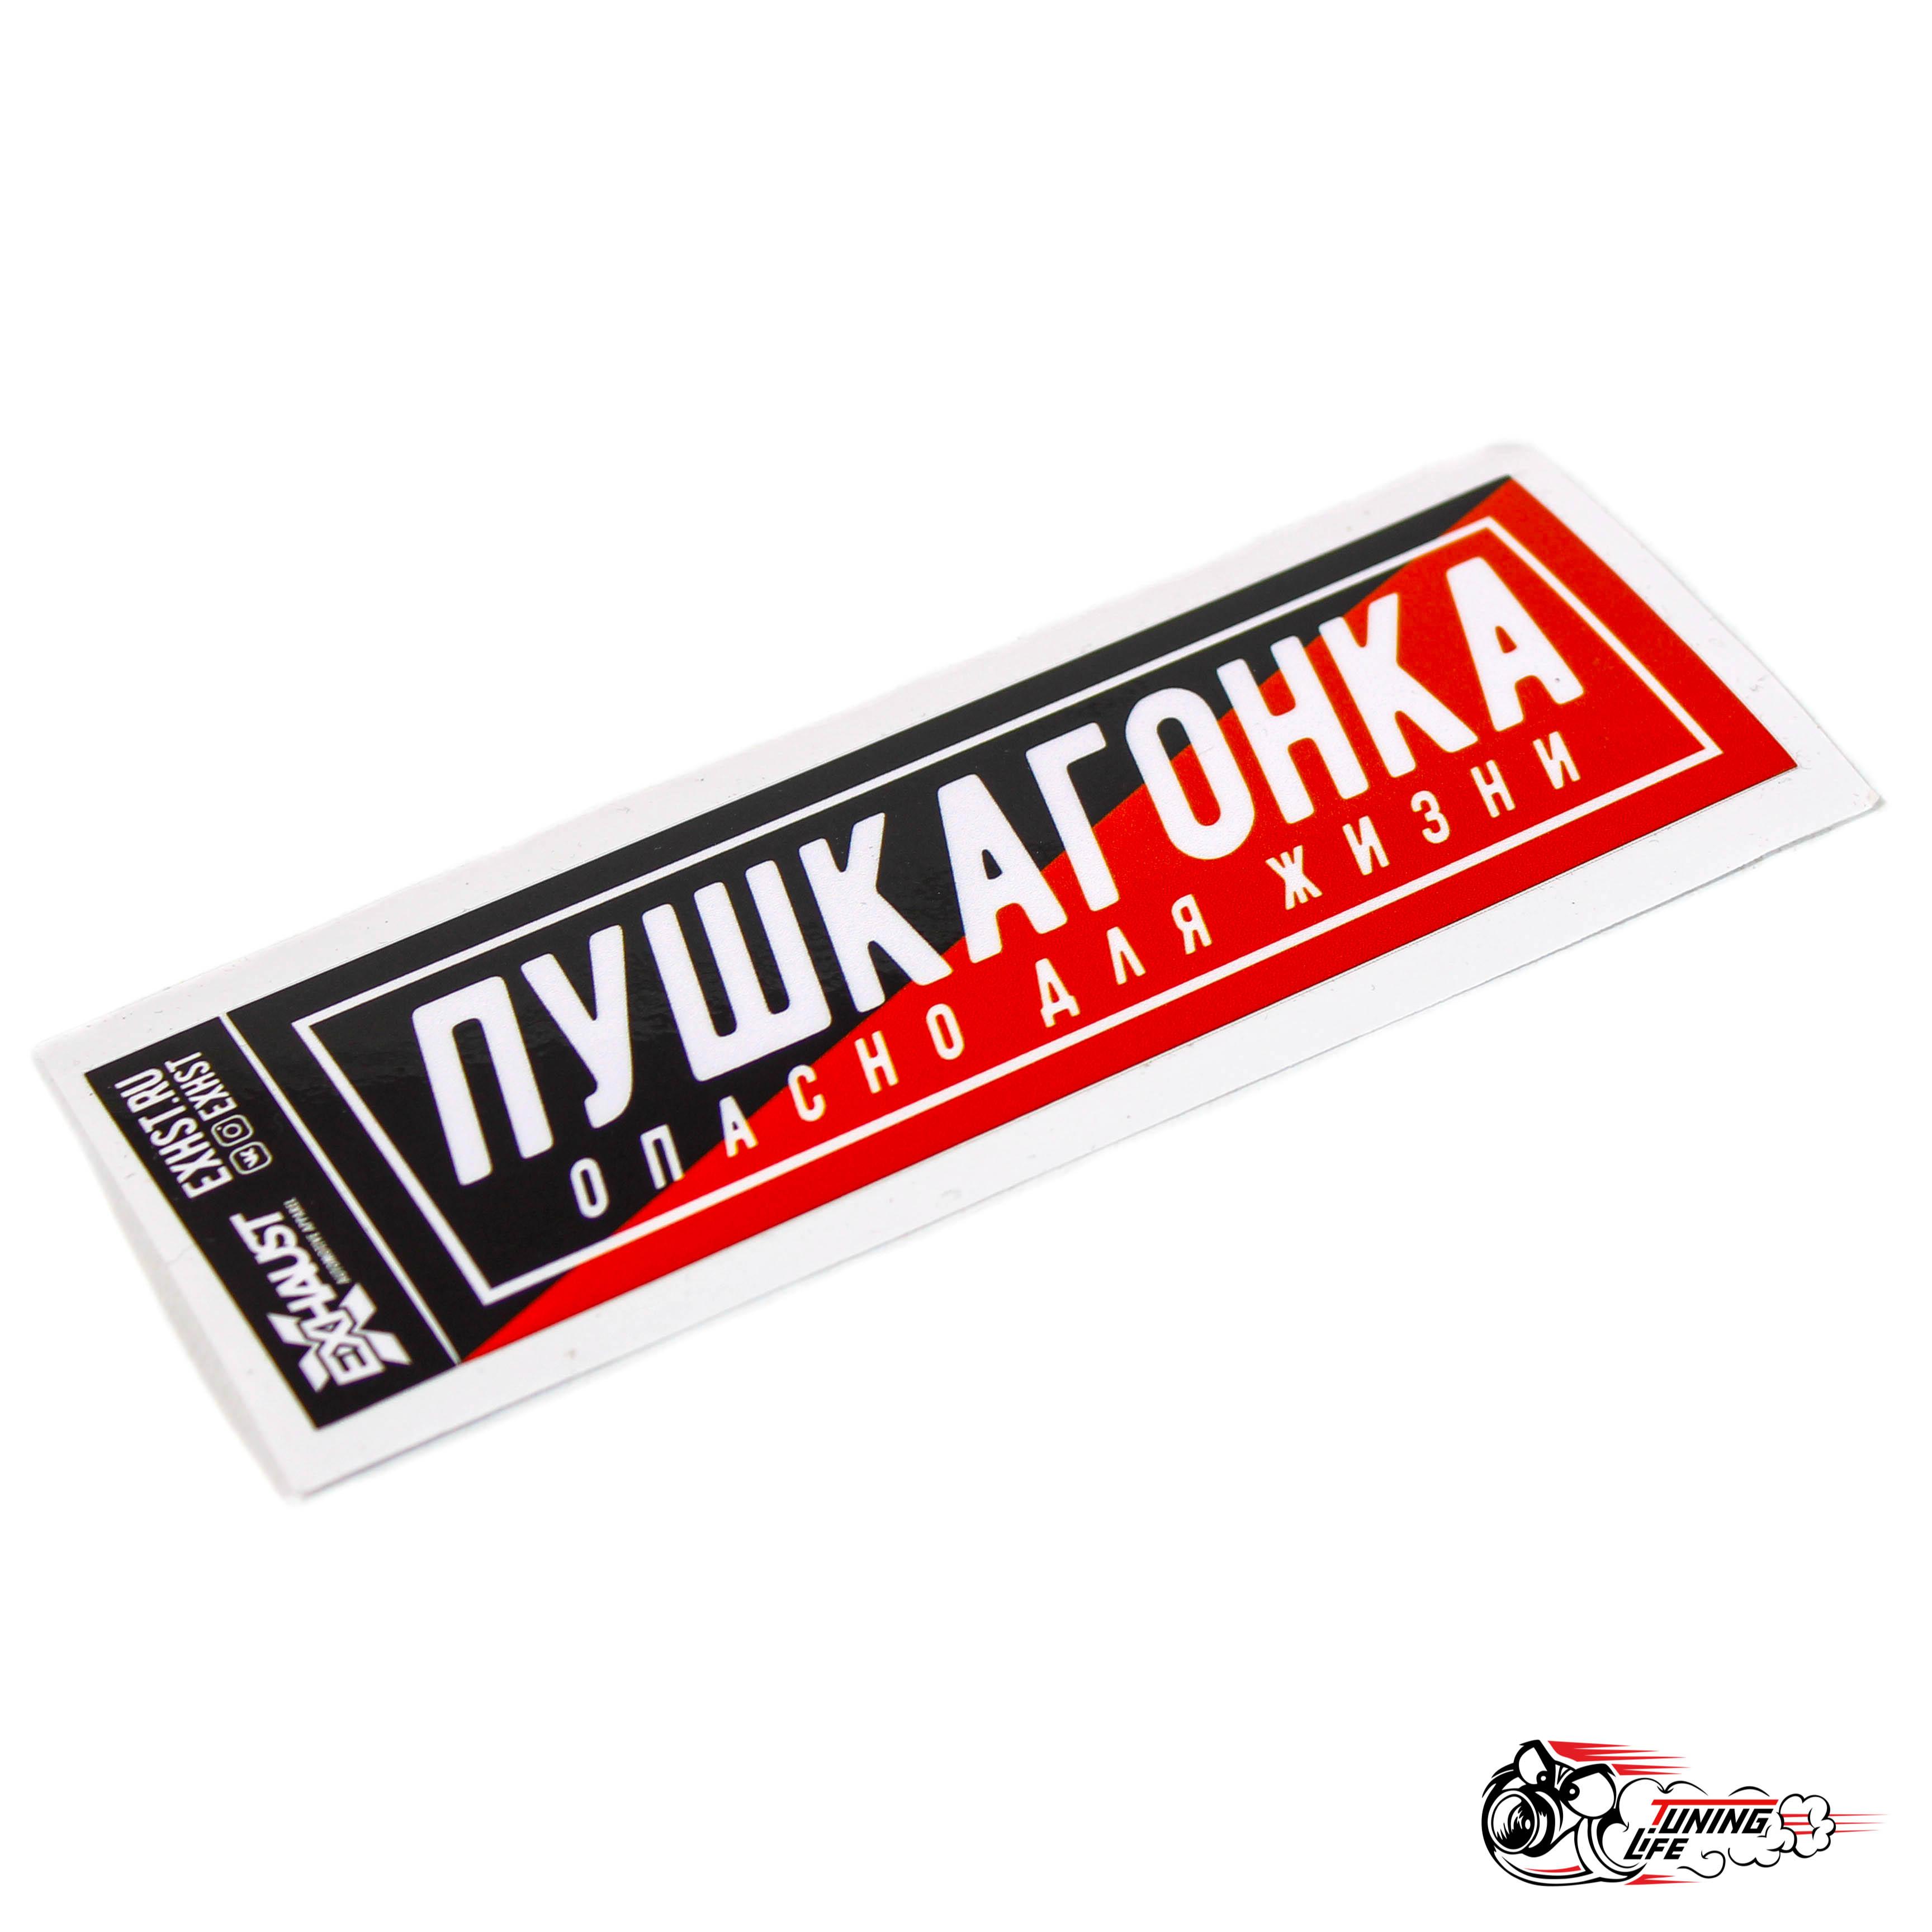 Стикер ПушкаГонка